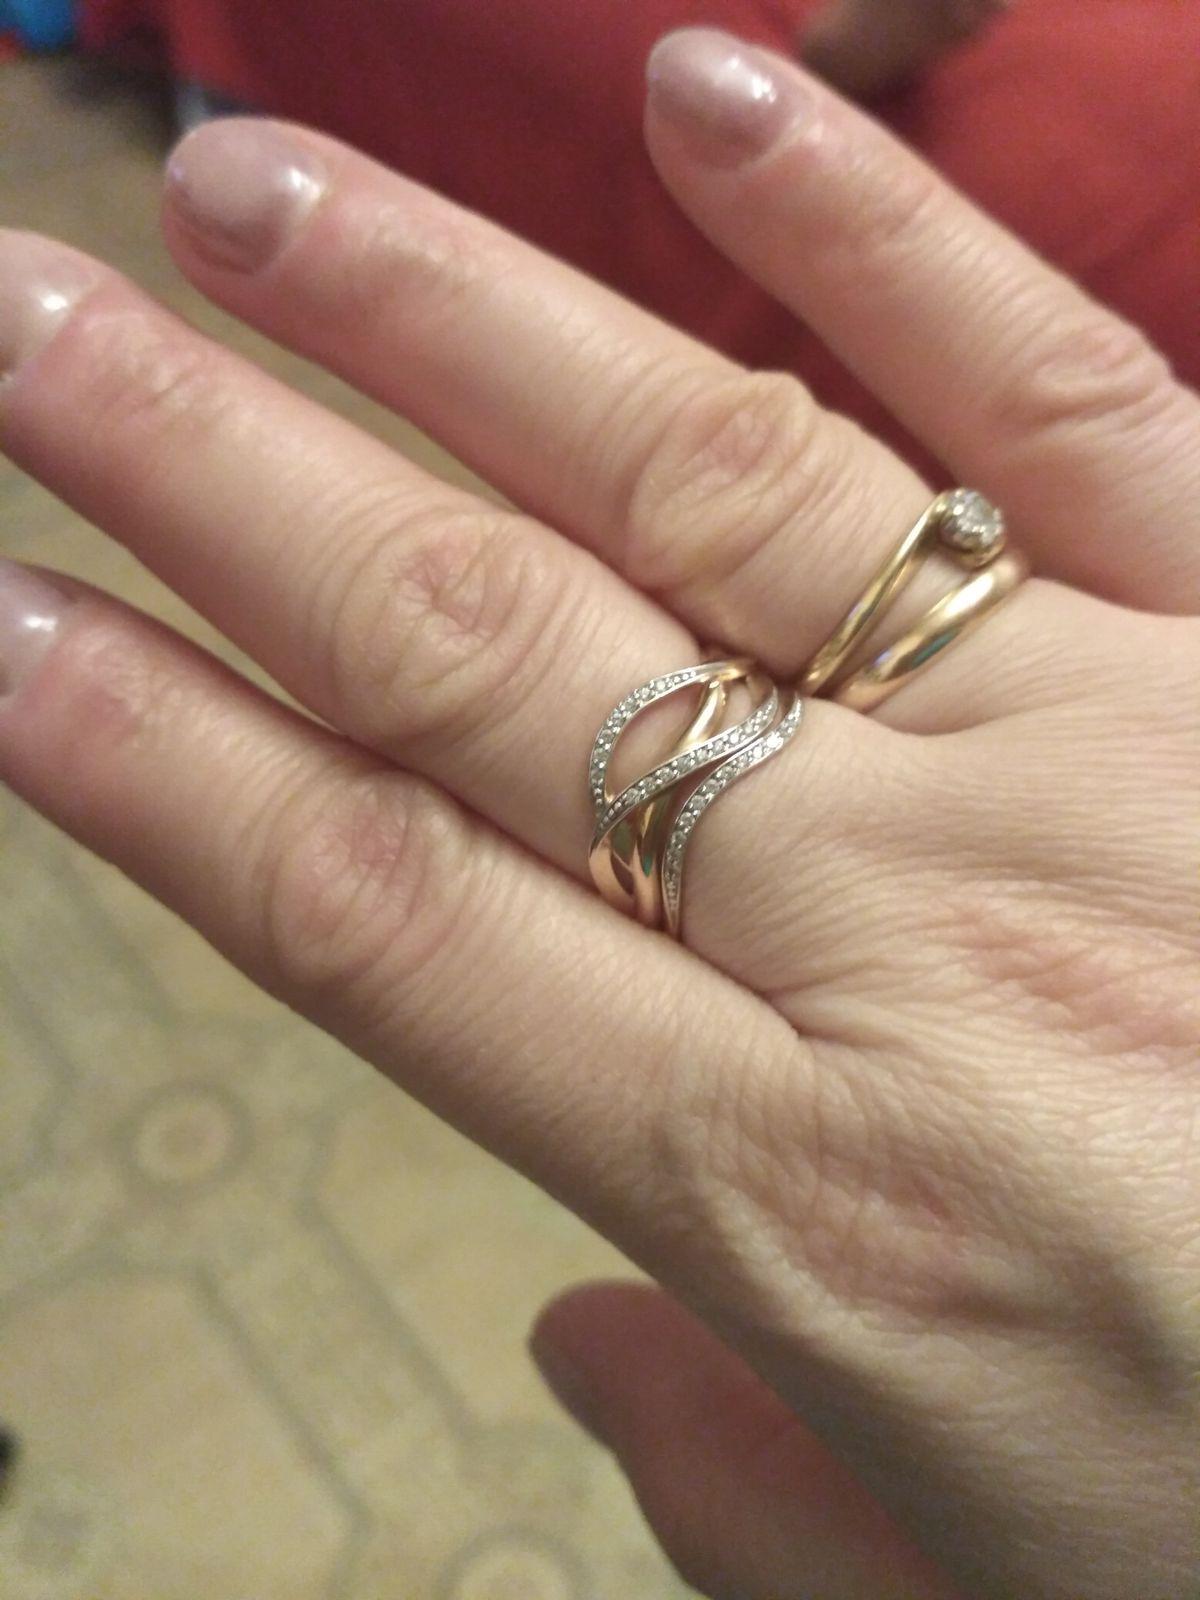 Колечко из красного золота...очень здорово смотрится на пальчике... спасибо